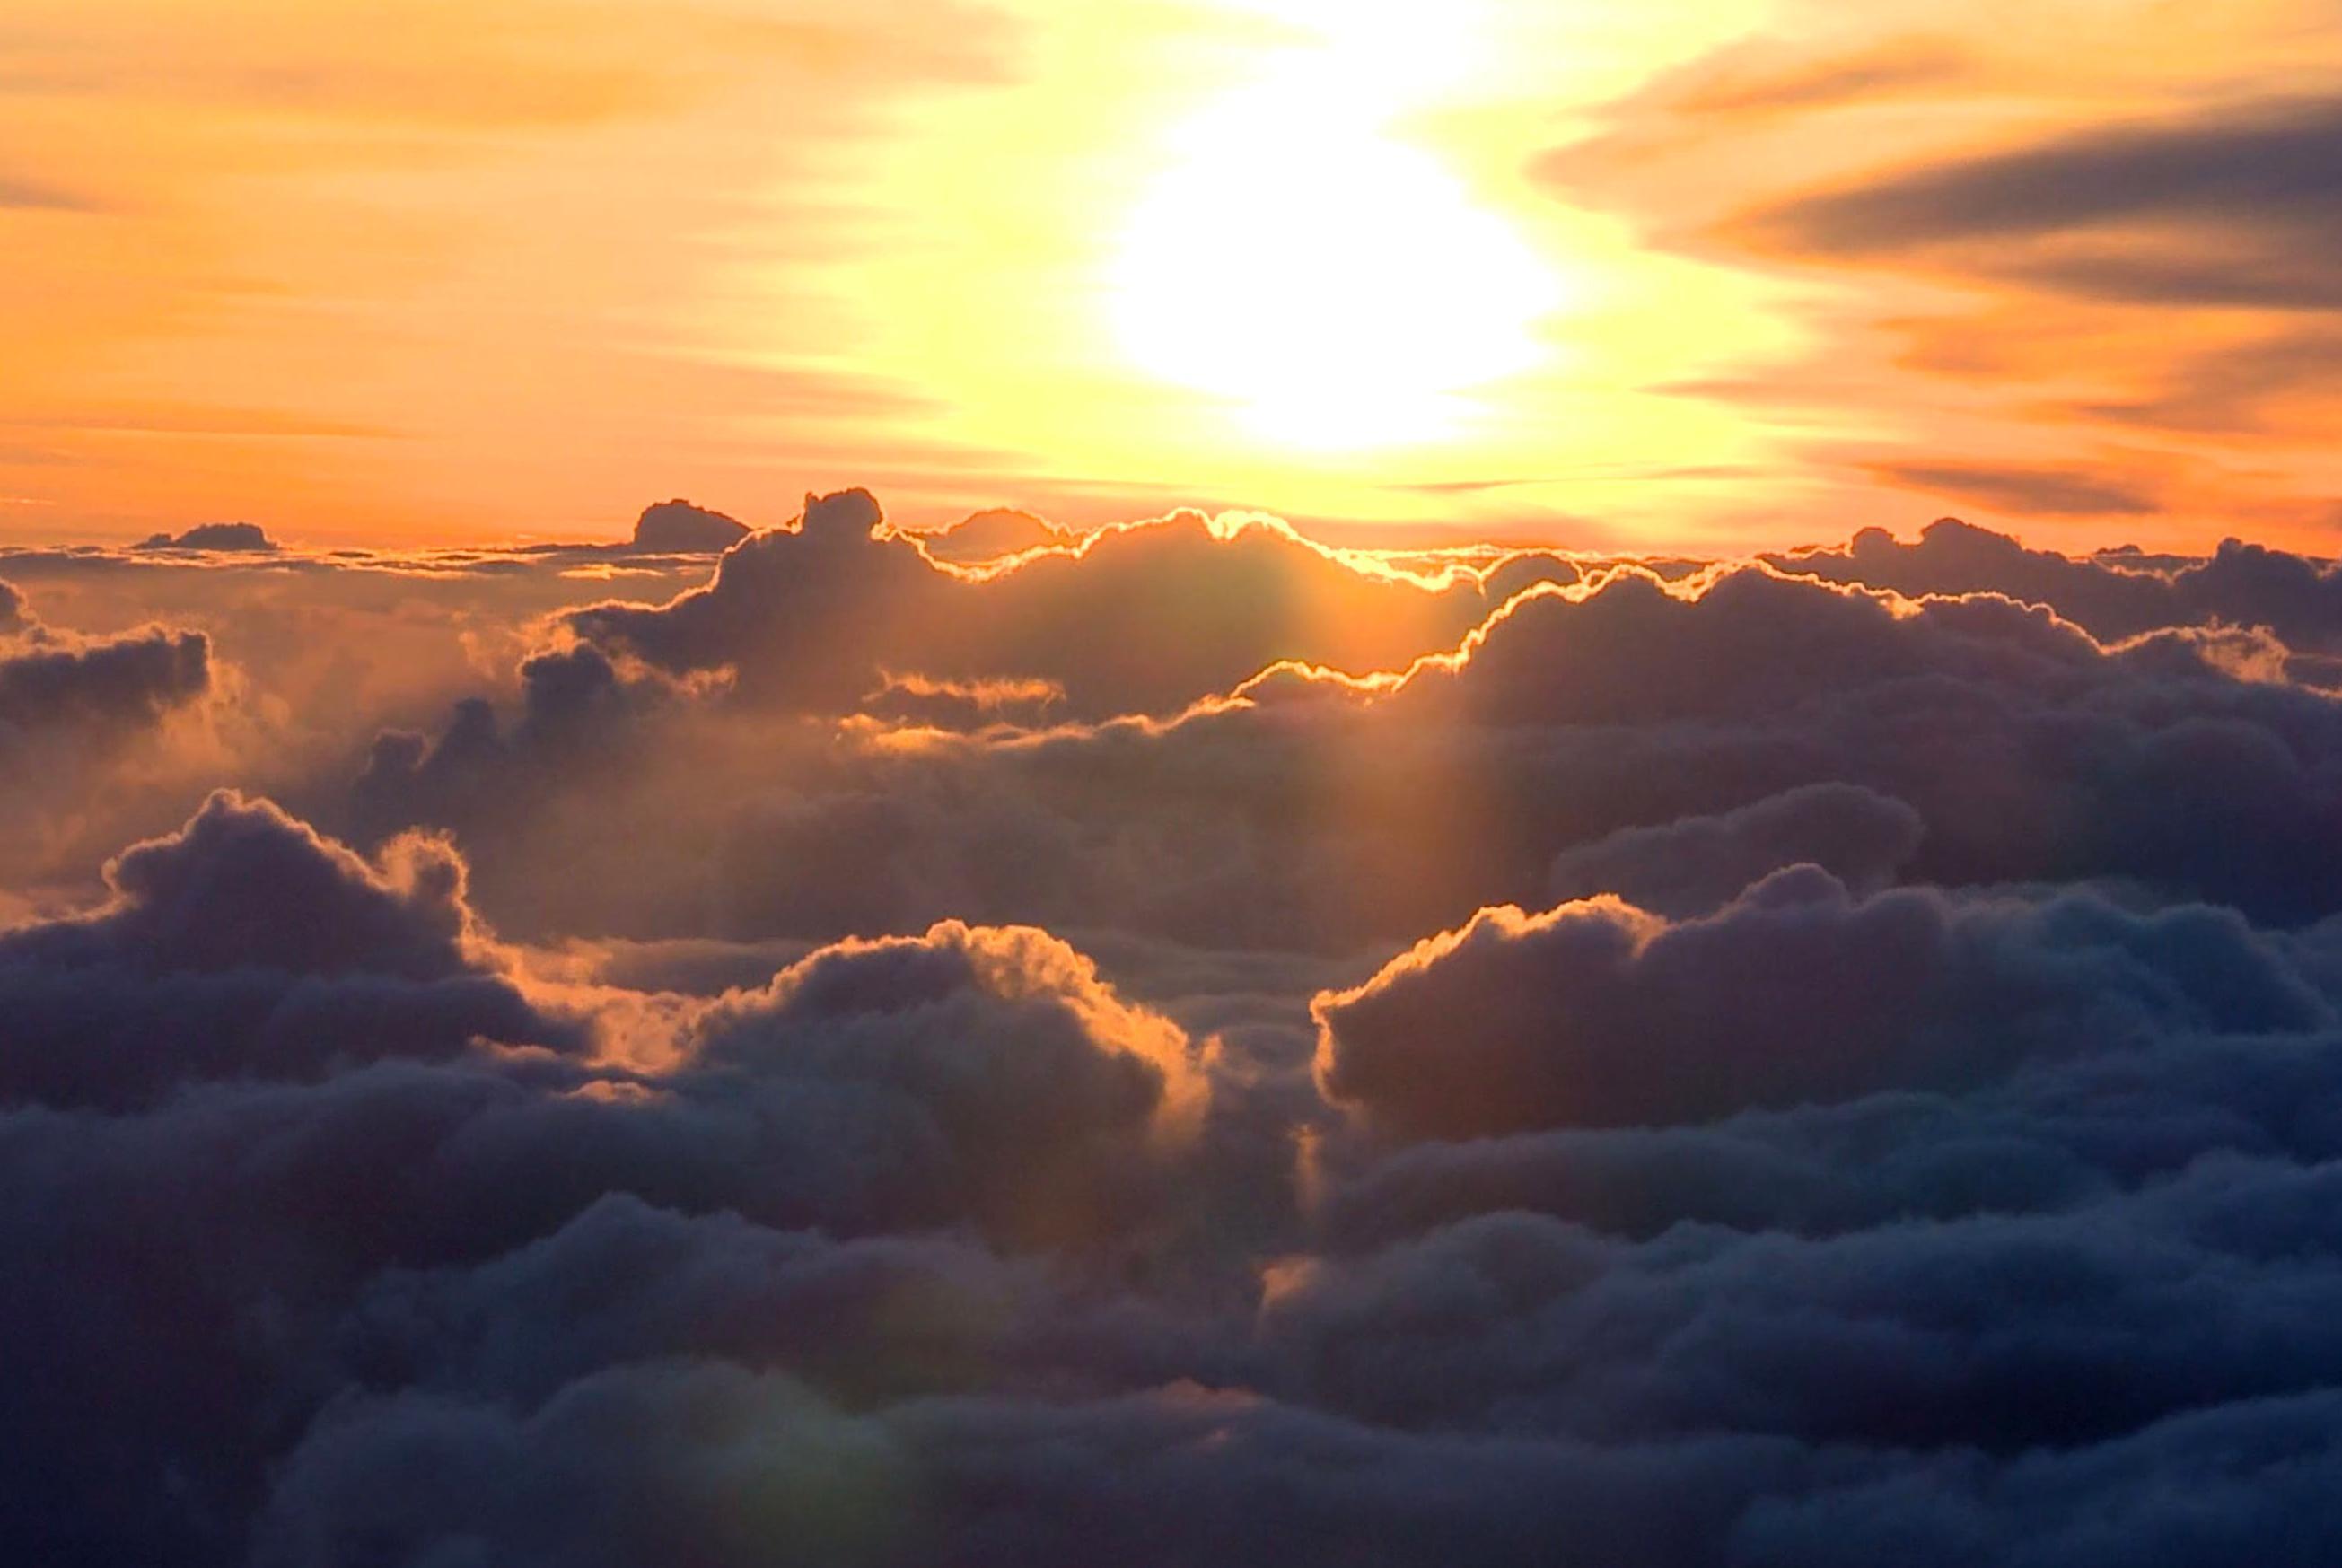 初升太阳矢量图